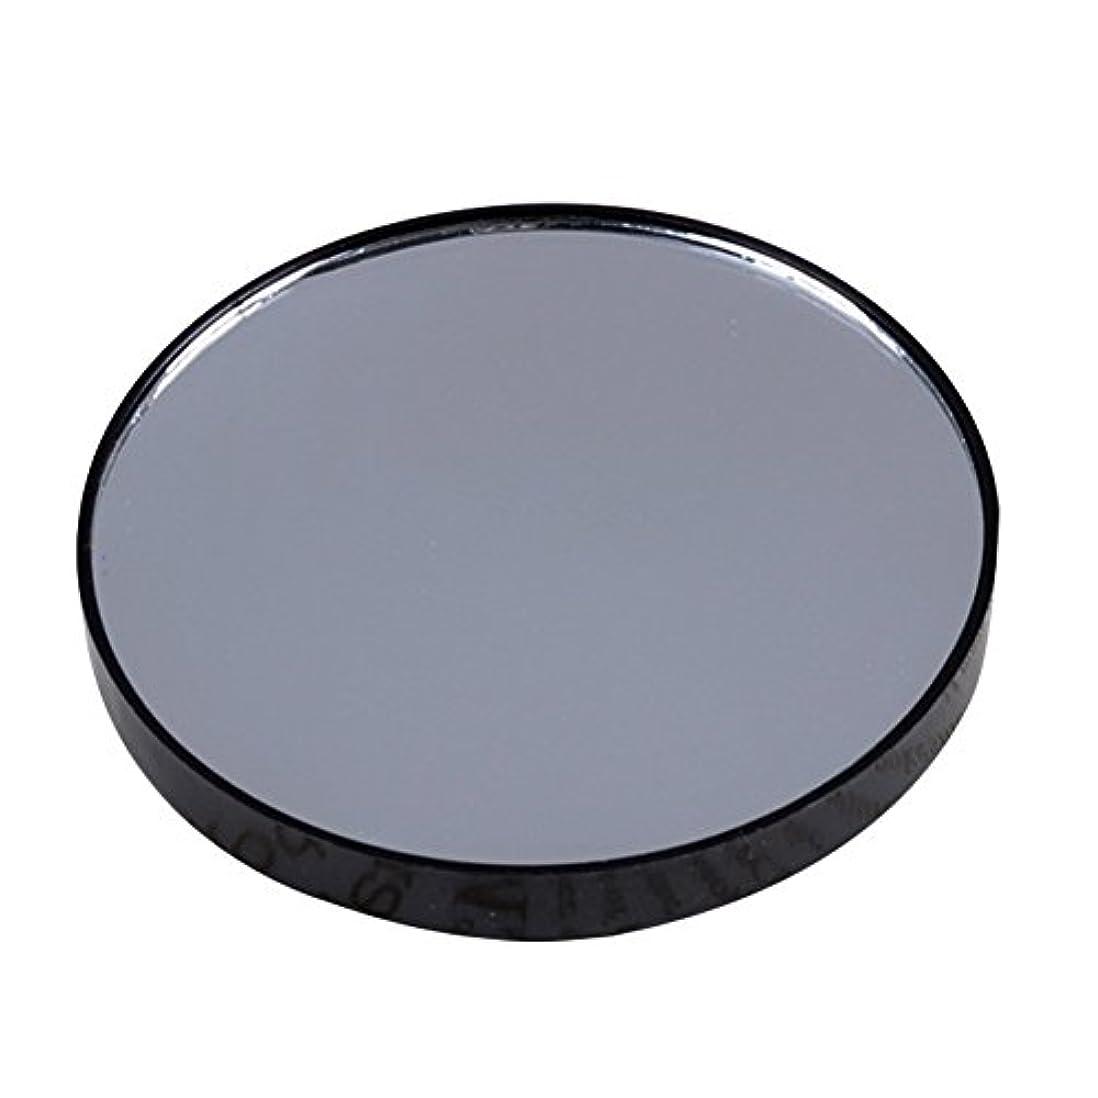 サンダルウルルサンプルYideaHome メイクアップミラー 化粧鏡 拡大鏡 5倍 10倍 15倍 強力吸盤付き メイクミラー 化粧ミラー (10倍)